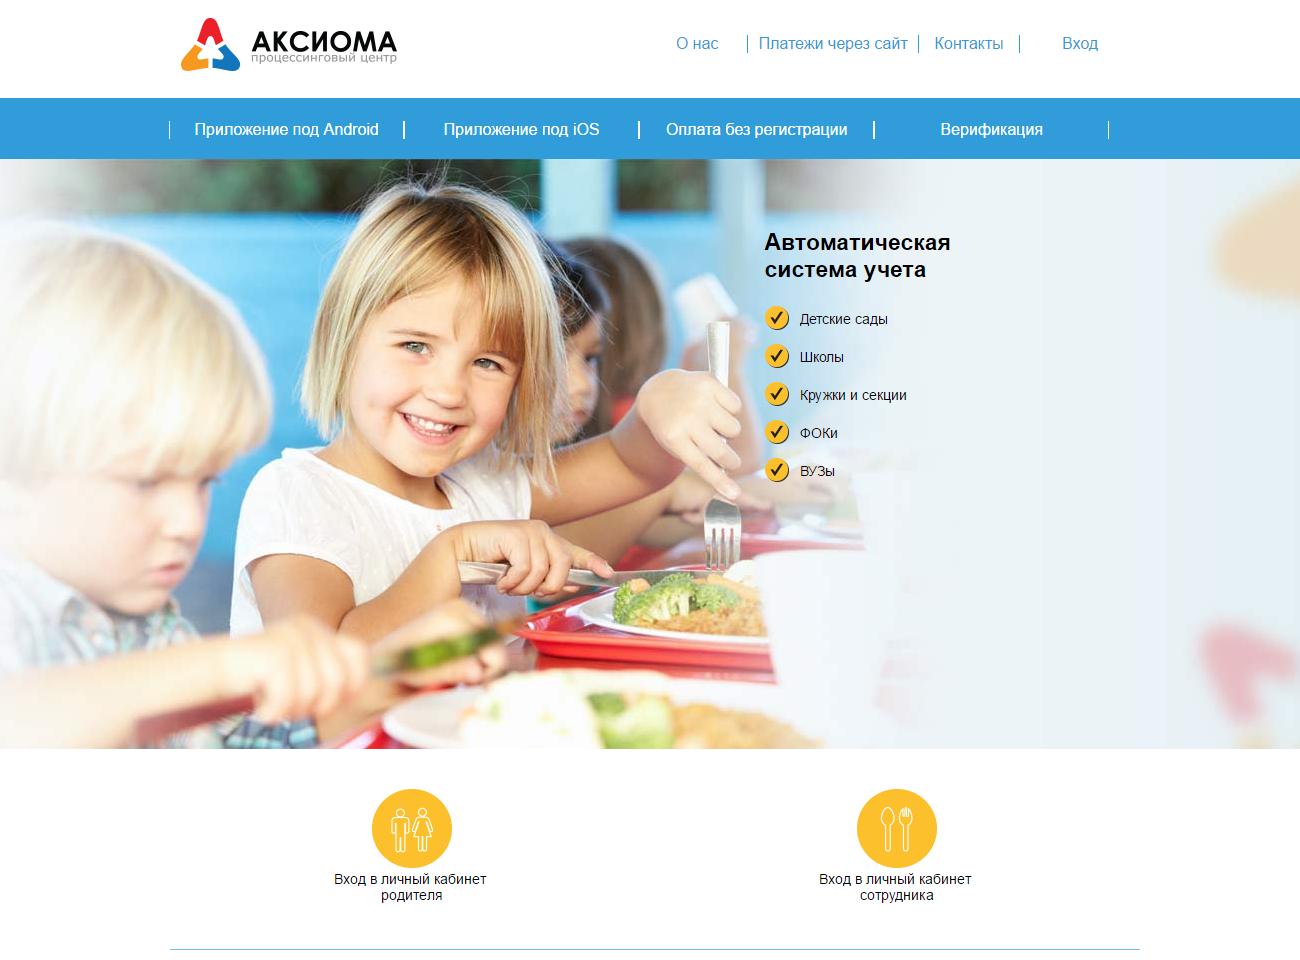 аксиома питание детей без регистрации